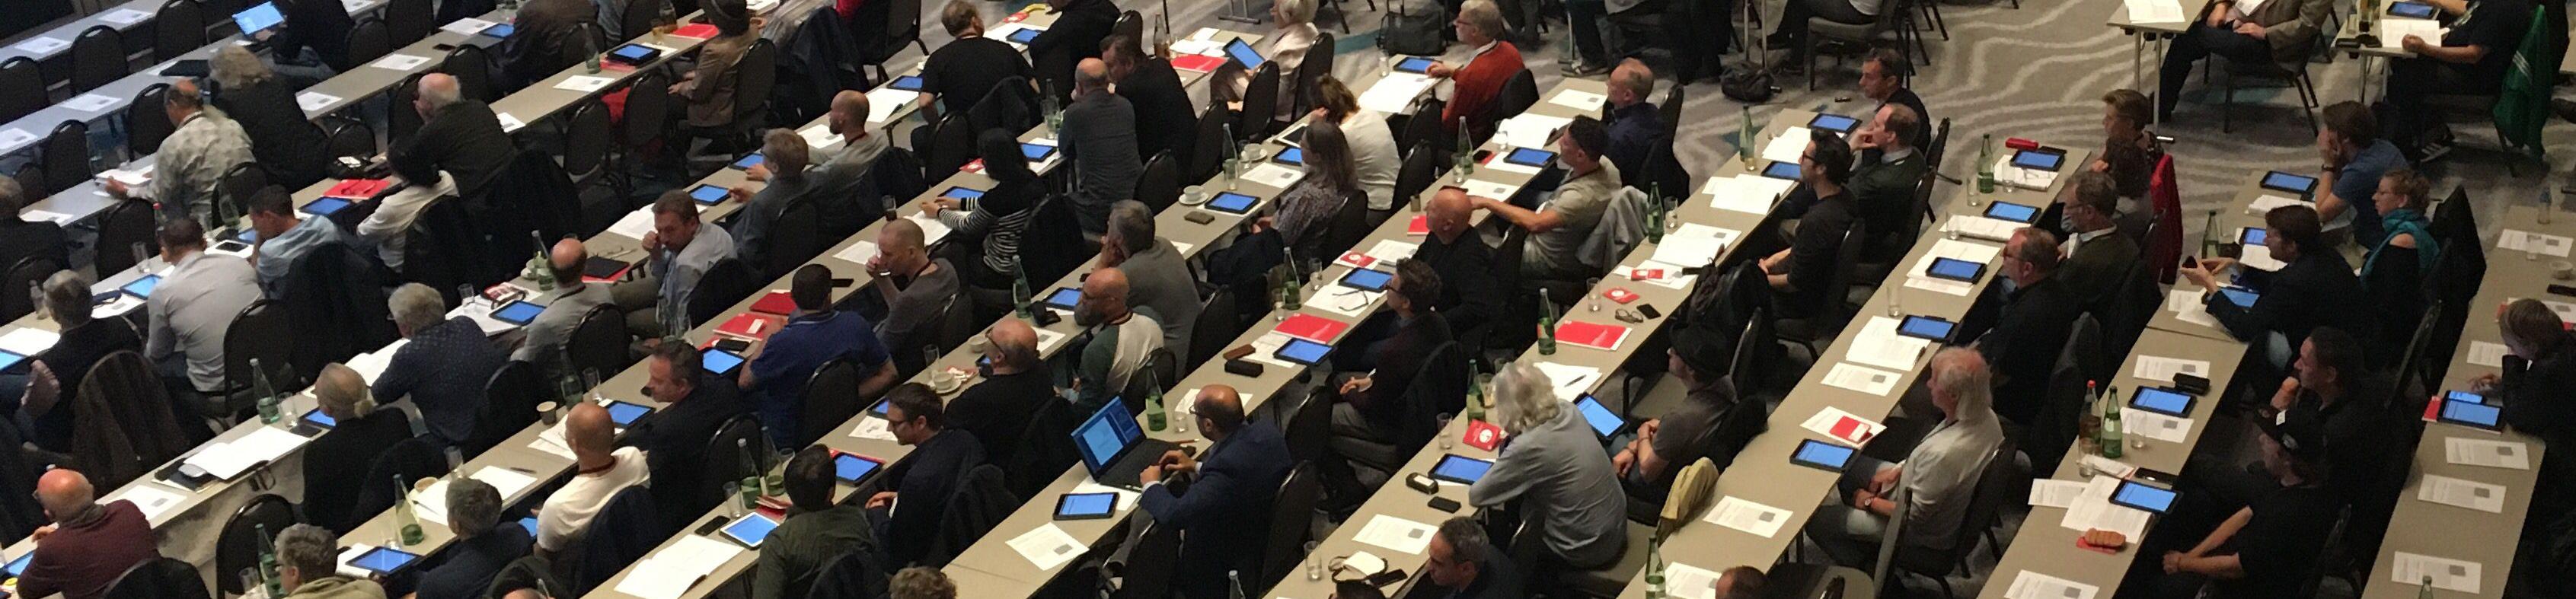 Digitale Mitgliederversammlung der GEMA